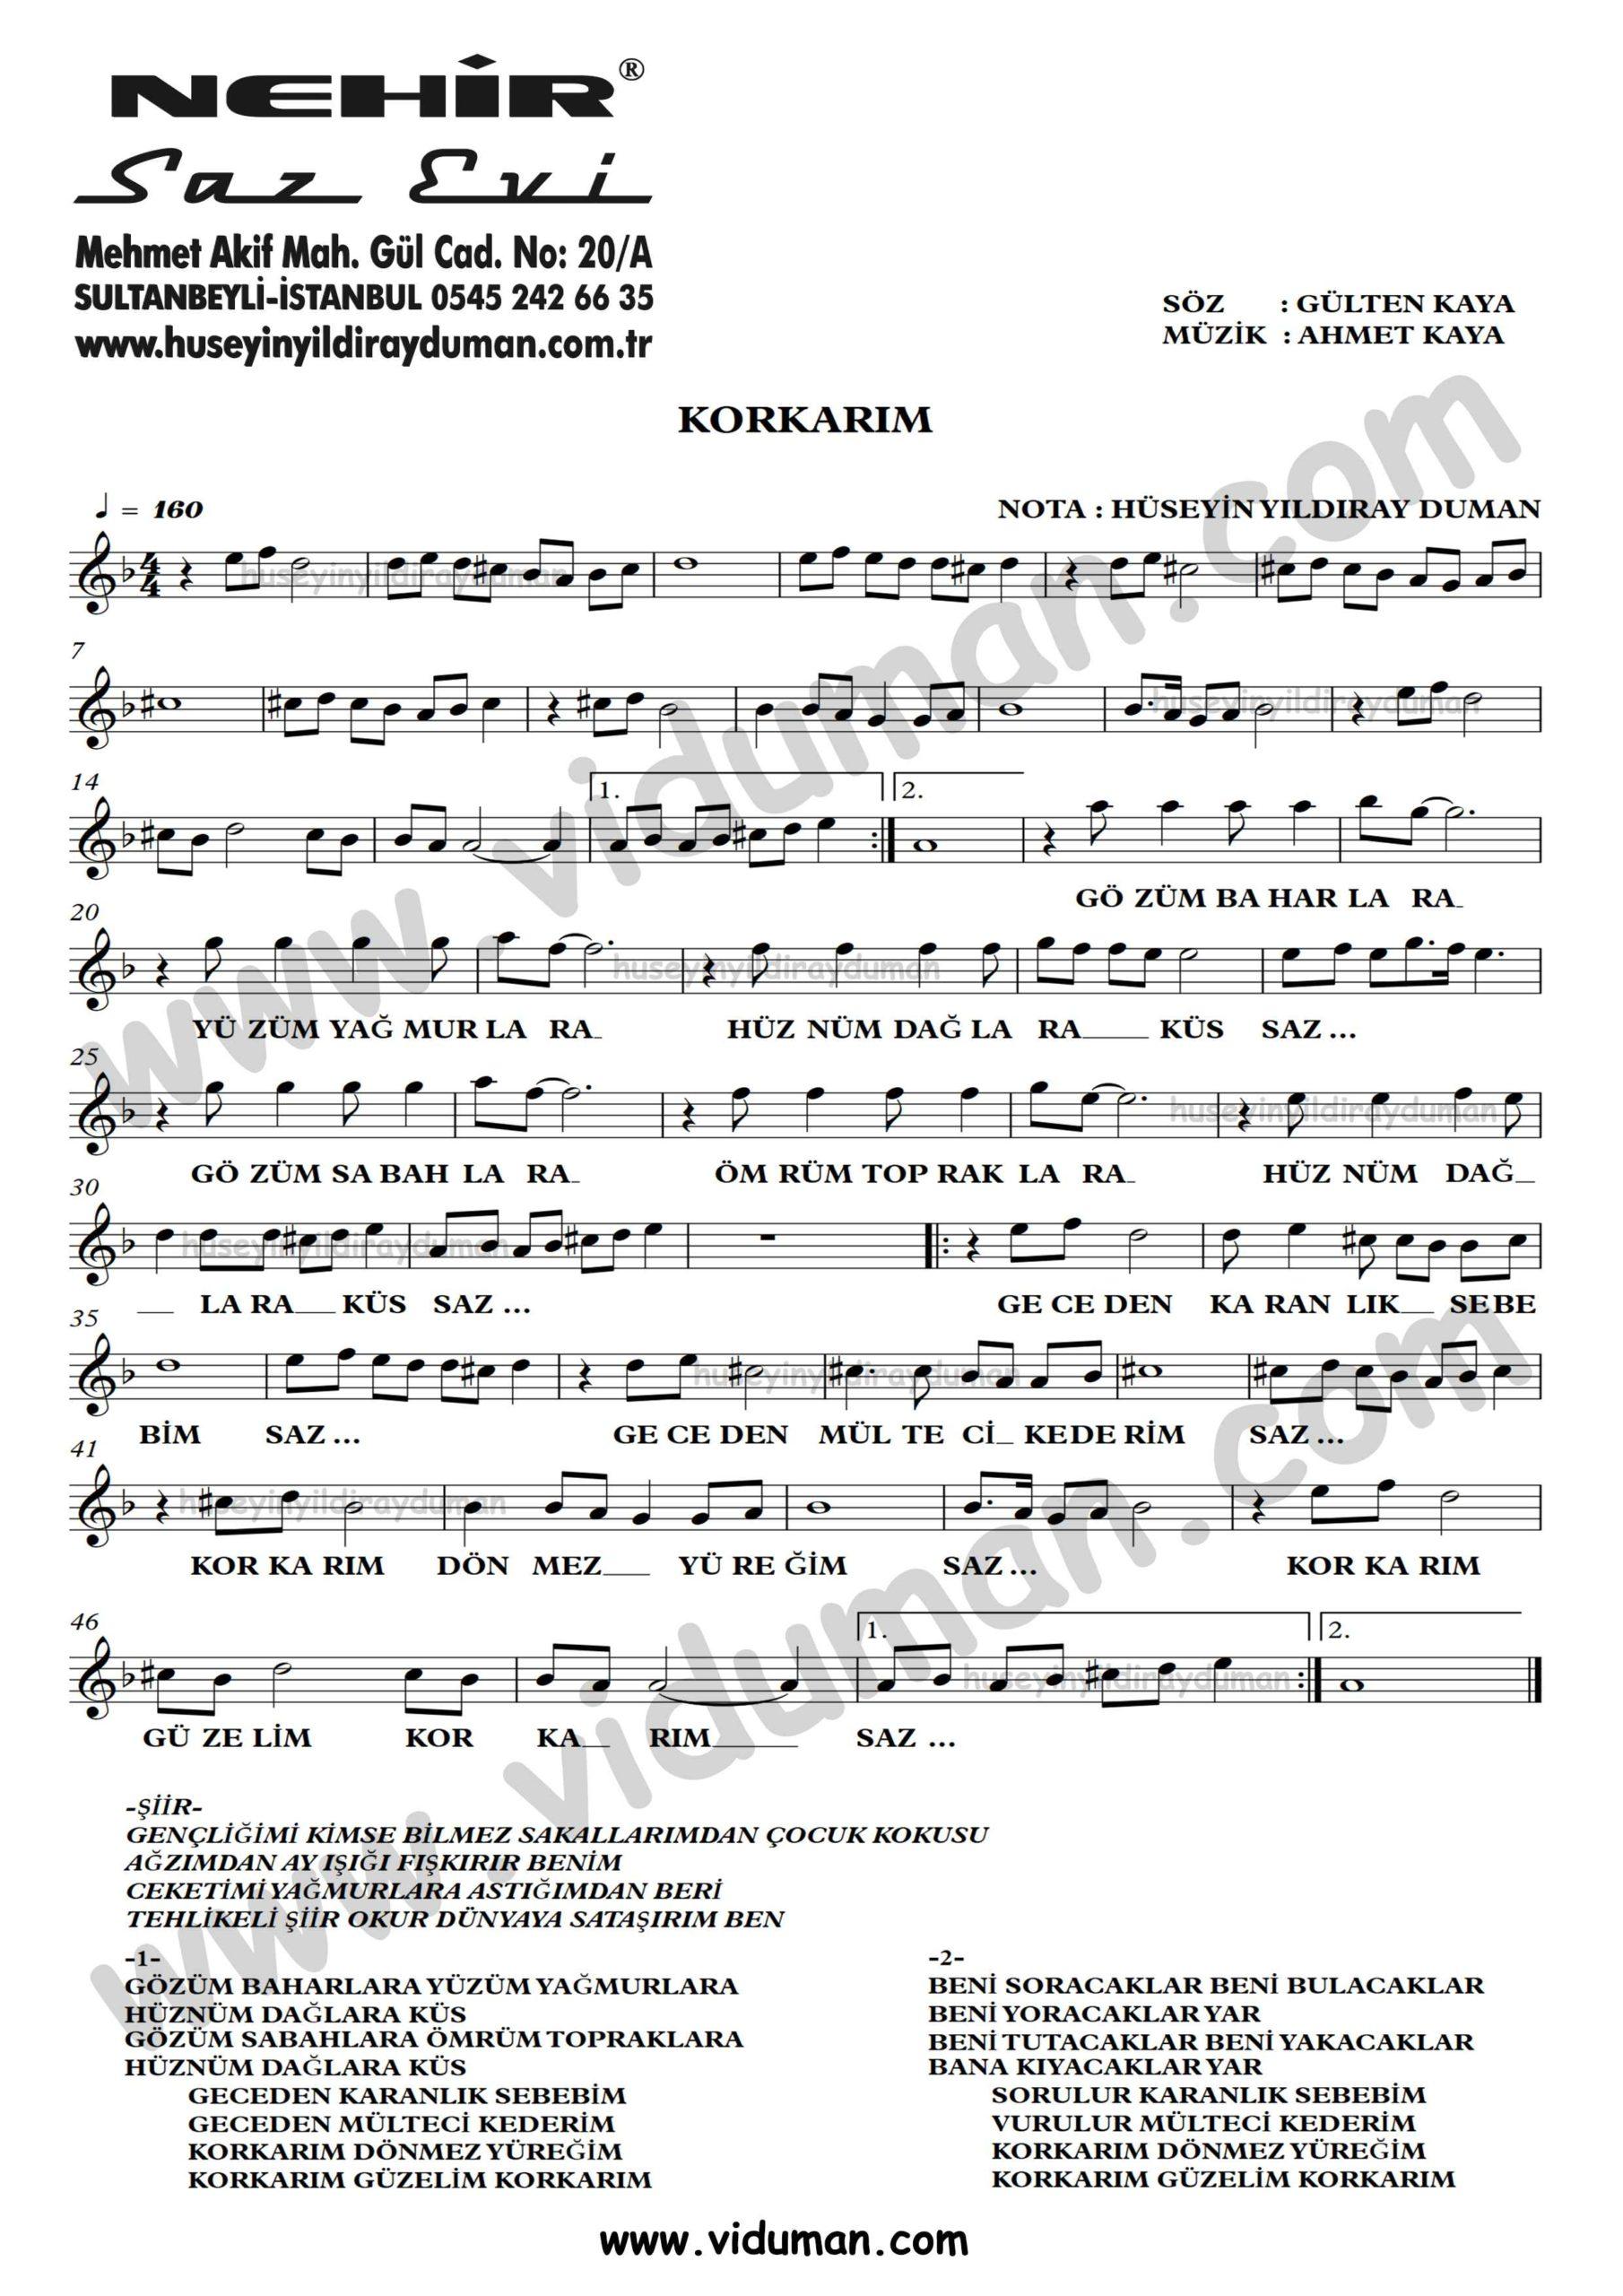 Korkarim-Ahmet Kaya-Baglama-Saz-Turku-Notalari